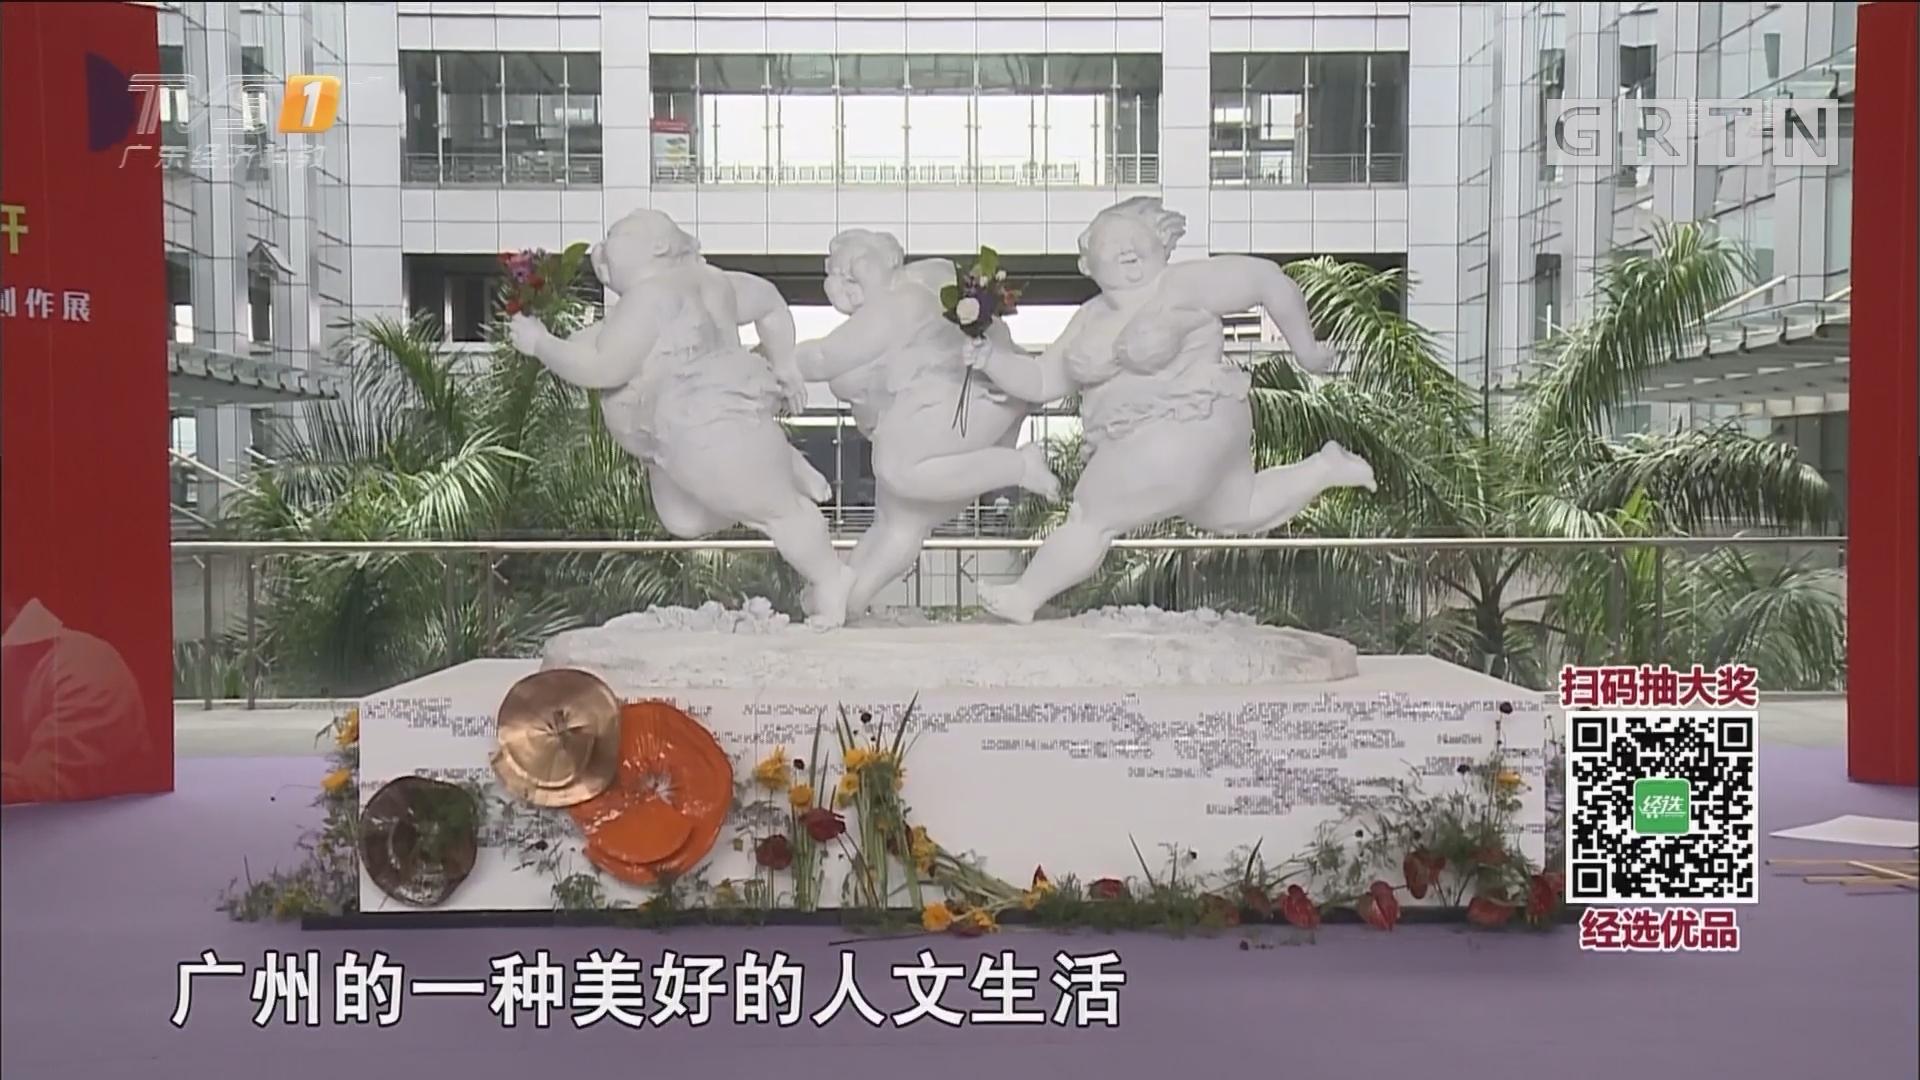 广州艺博会:近两万件原创艺术品汇聚琶洲